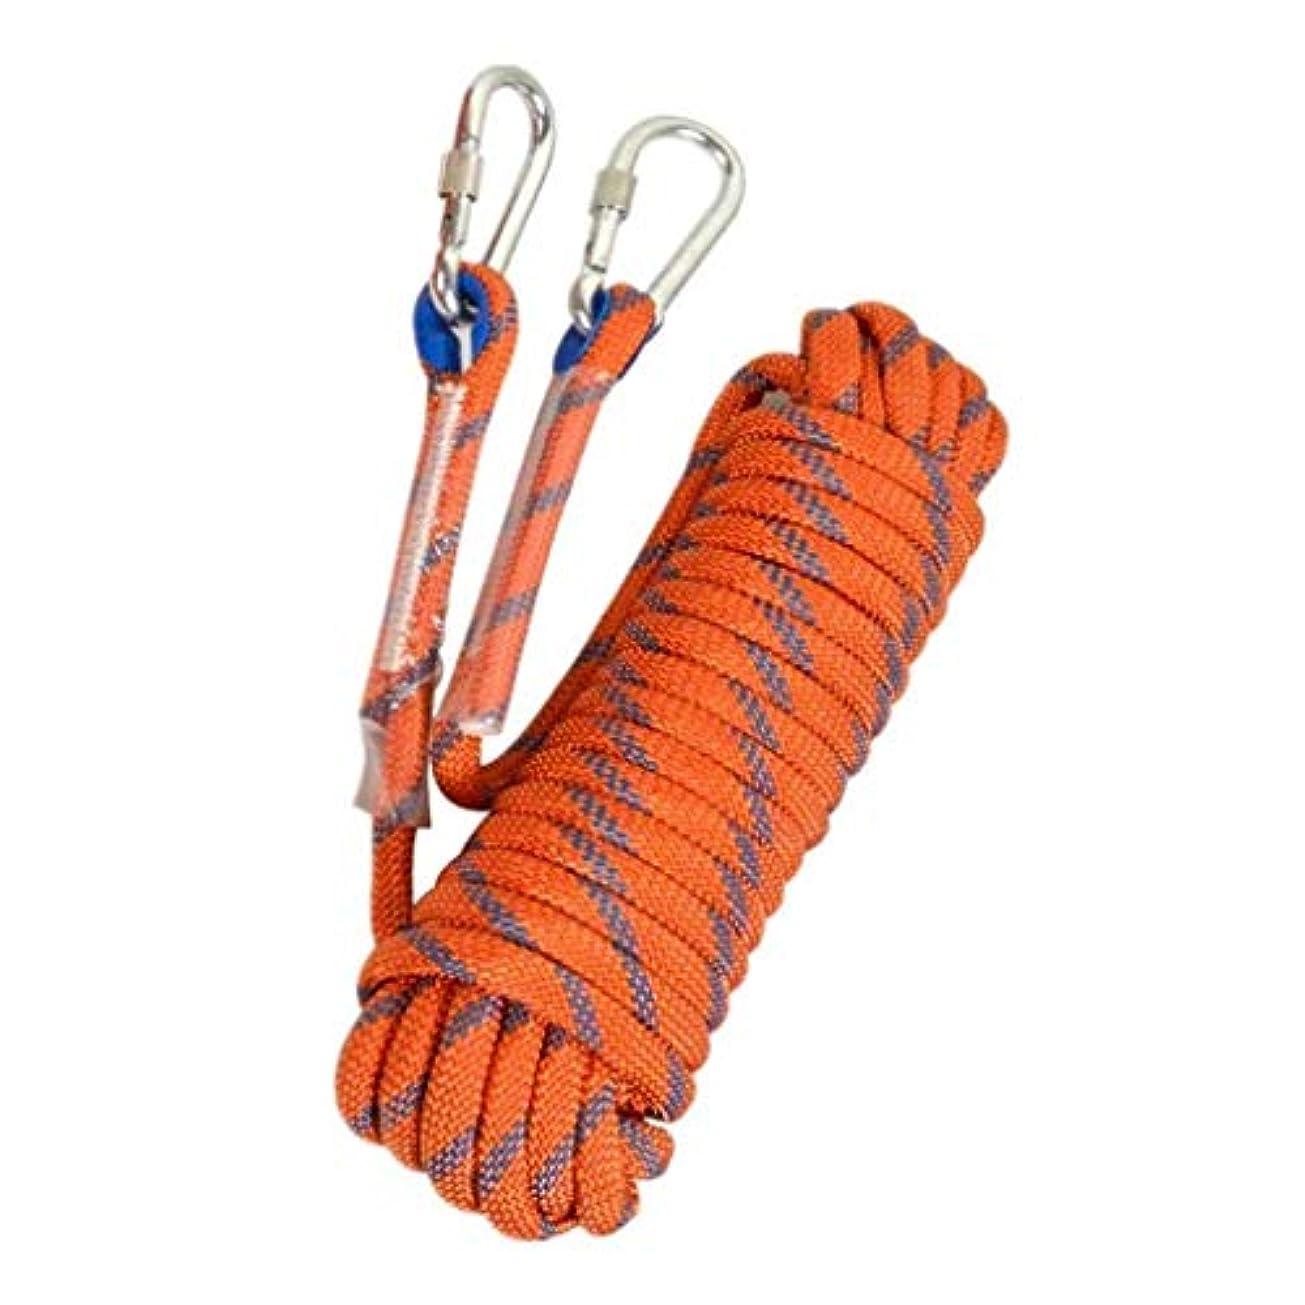 ヘッドレス教えオセアニアロッククライミングロープメーター、屋外火災エスケープ救助パラシュート静的屋内ロープ、ヘビーデューティロープ、安全耐久性のある高品質